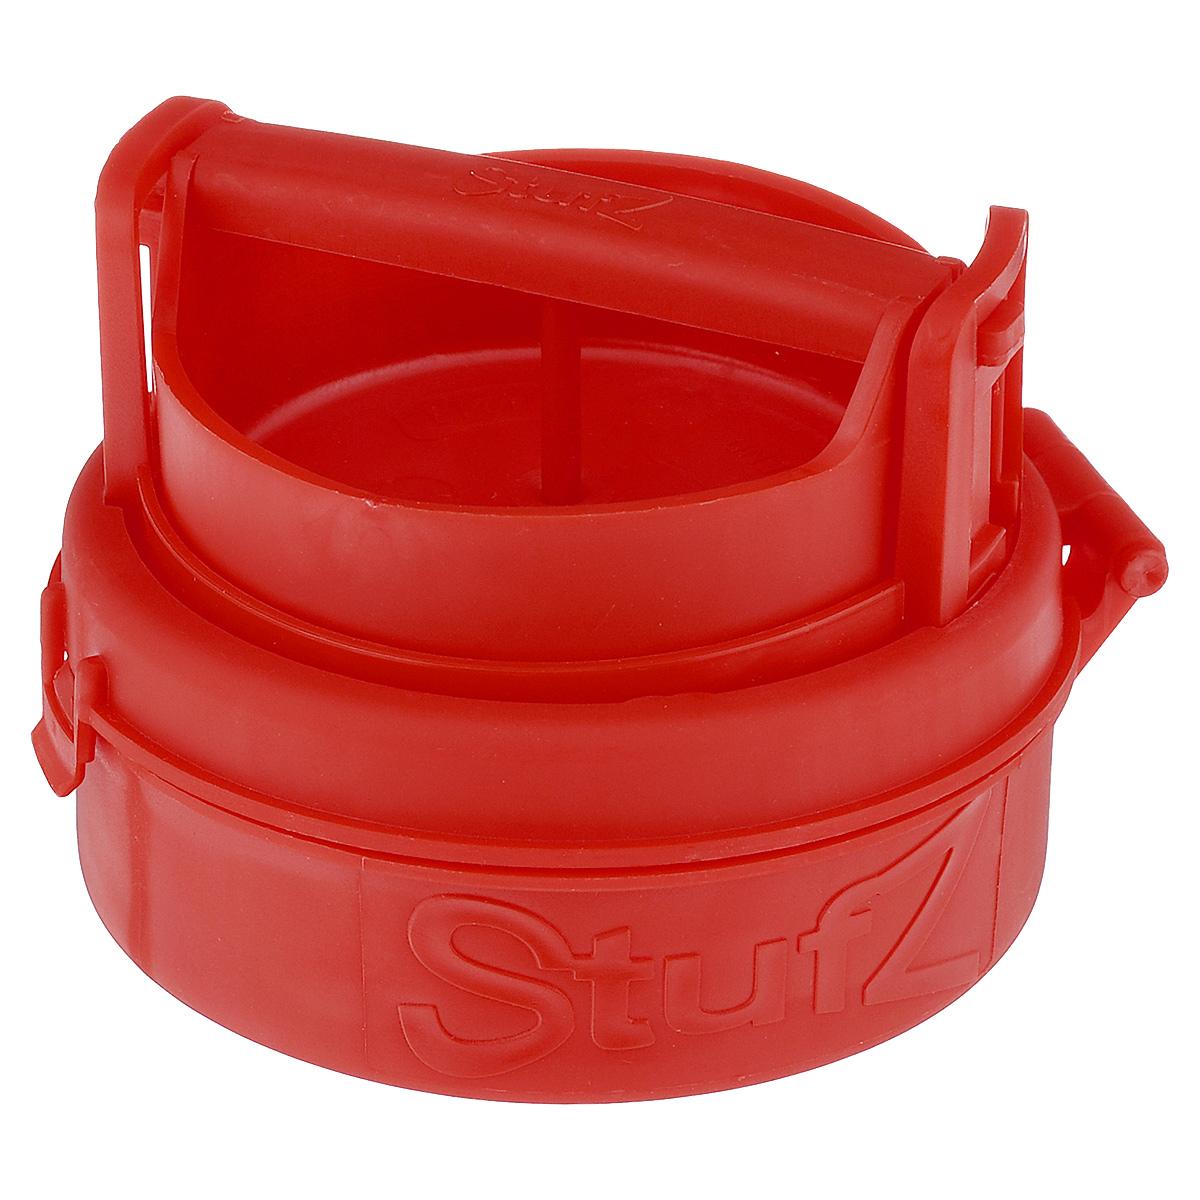 Пресс для формирования котлет с начинкой Bradex От шефа, цвет: красный, 12 х 12 х 6 см68/5/4Пресс Bradex От шефа, изготовленный из пищевого пластика, представляет собой форму с подъемным дном и откидной крышкой. Благодаря прессу вы сможете порадовать своих родных и близких котлетами со всевозможными начинками. С ним вы сделаете котлеты, которые придутся по вкусу каждому. Идеальные по форме и размеру котлеты не развалятся во время жарки, запекания в духовке или приготовления на гриле.Преимущества:- легко использовать и мыть,- формирует котлеты и зразы идеальной формы,- возможно использование любого мясного или рыбного фарша, а также фарша из птицы,- подходит для приготовления вегетарианских котлет,- ничто не ограничит вас в выборе начинки,- не занимает много места при хранении.